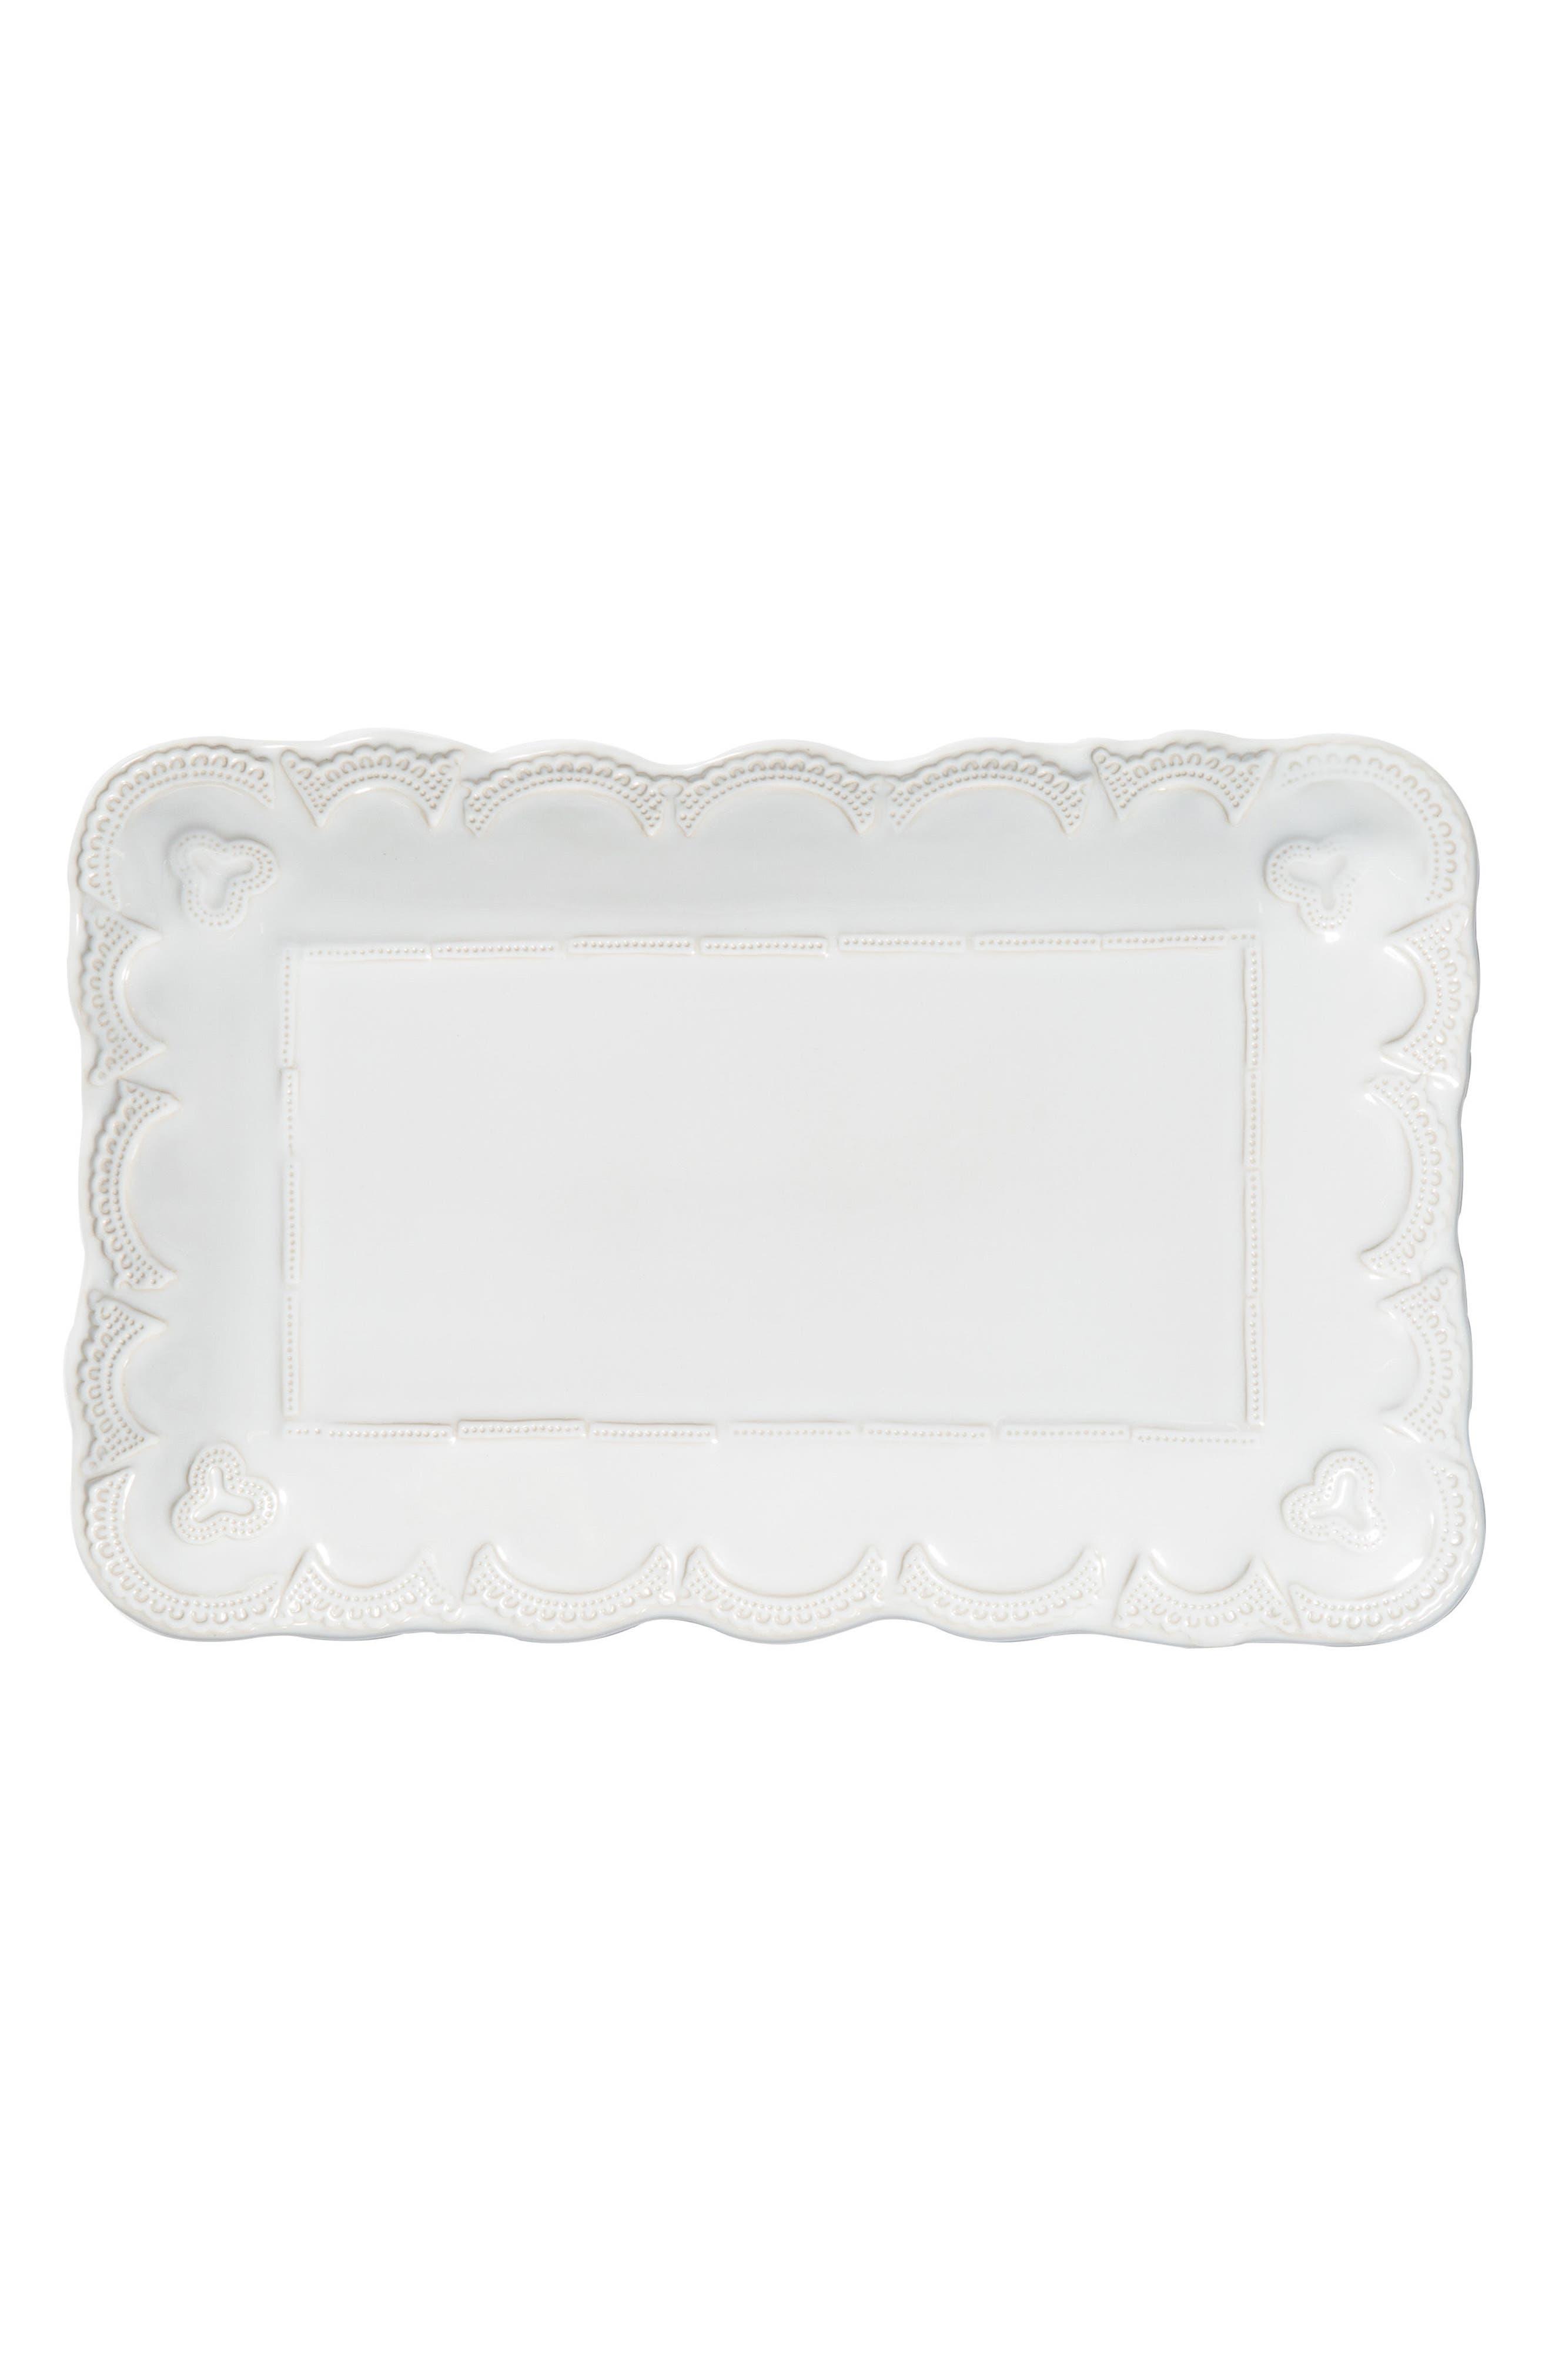 VIETRI Incanto Stone Lace Small Serving Platter, Main, color, WHITE